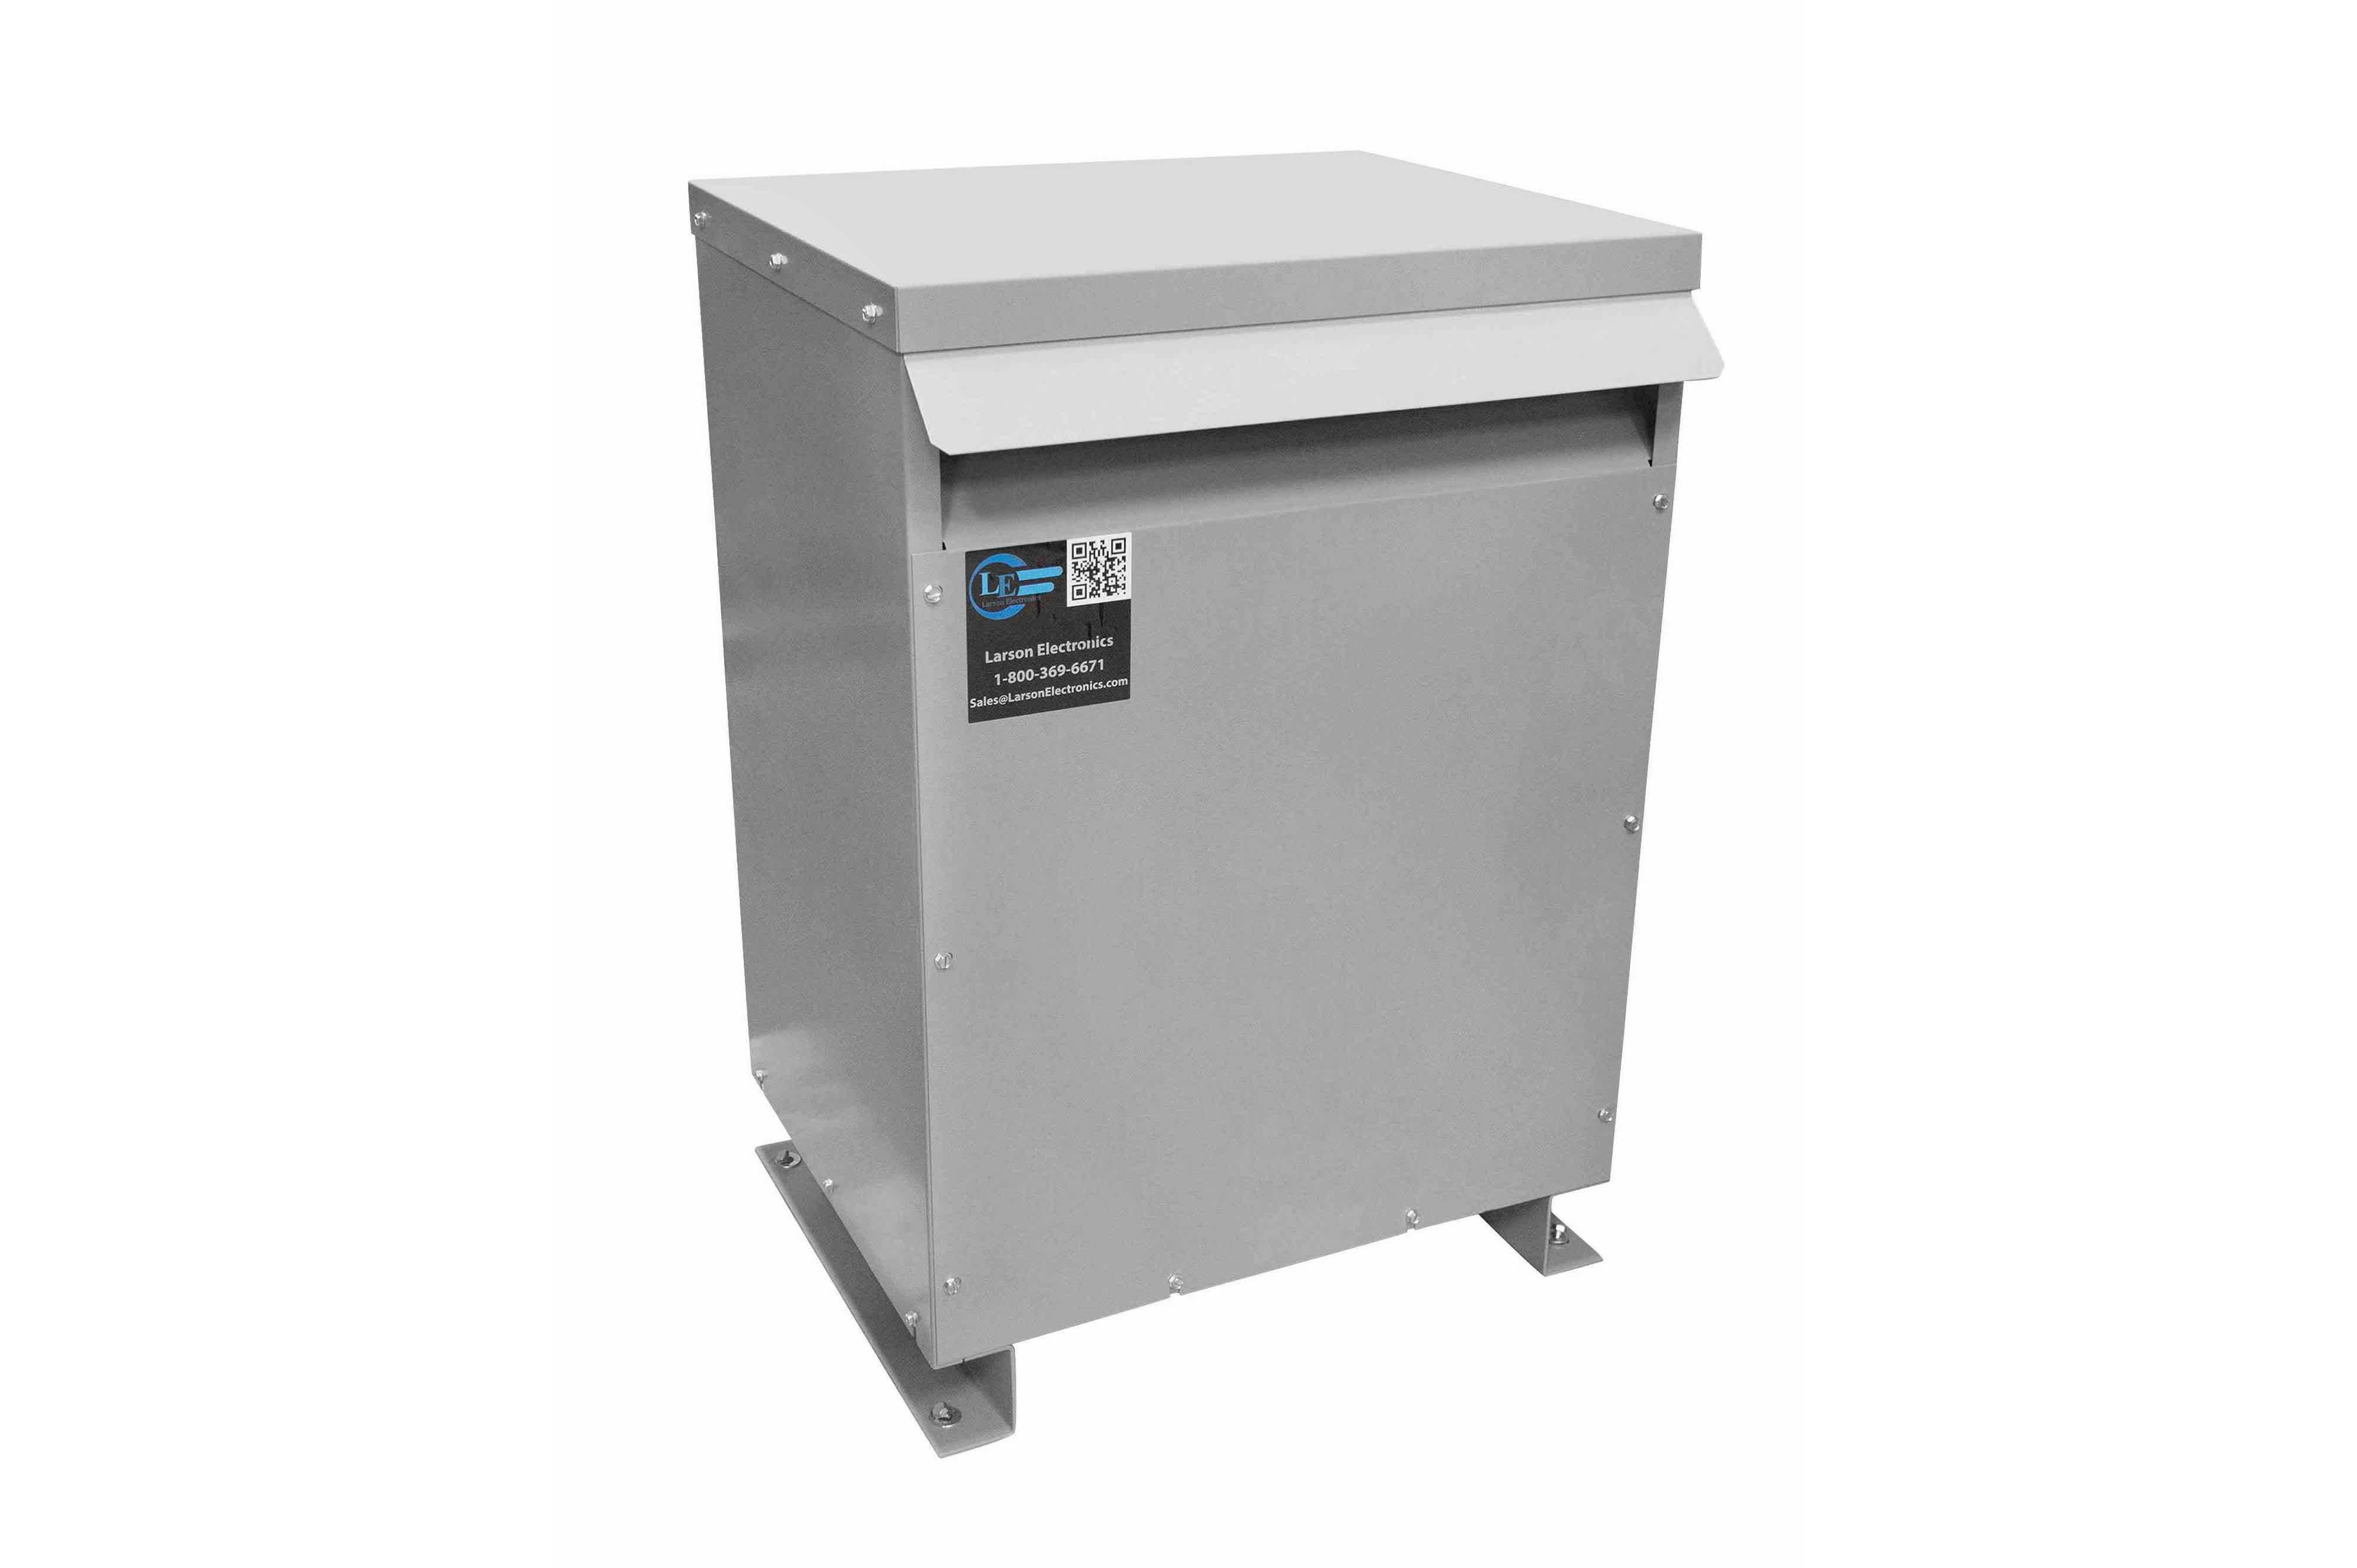 900 kVA 3PH Isolation Transformer, 575V Delta Primary, 400V Delta Secondary, N3R, Ventilated, 60 Hz